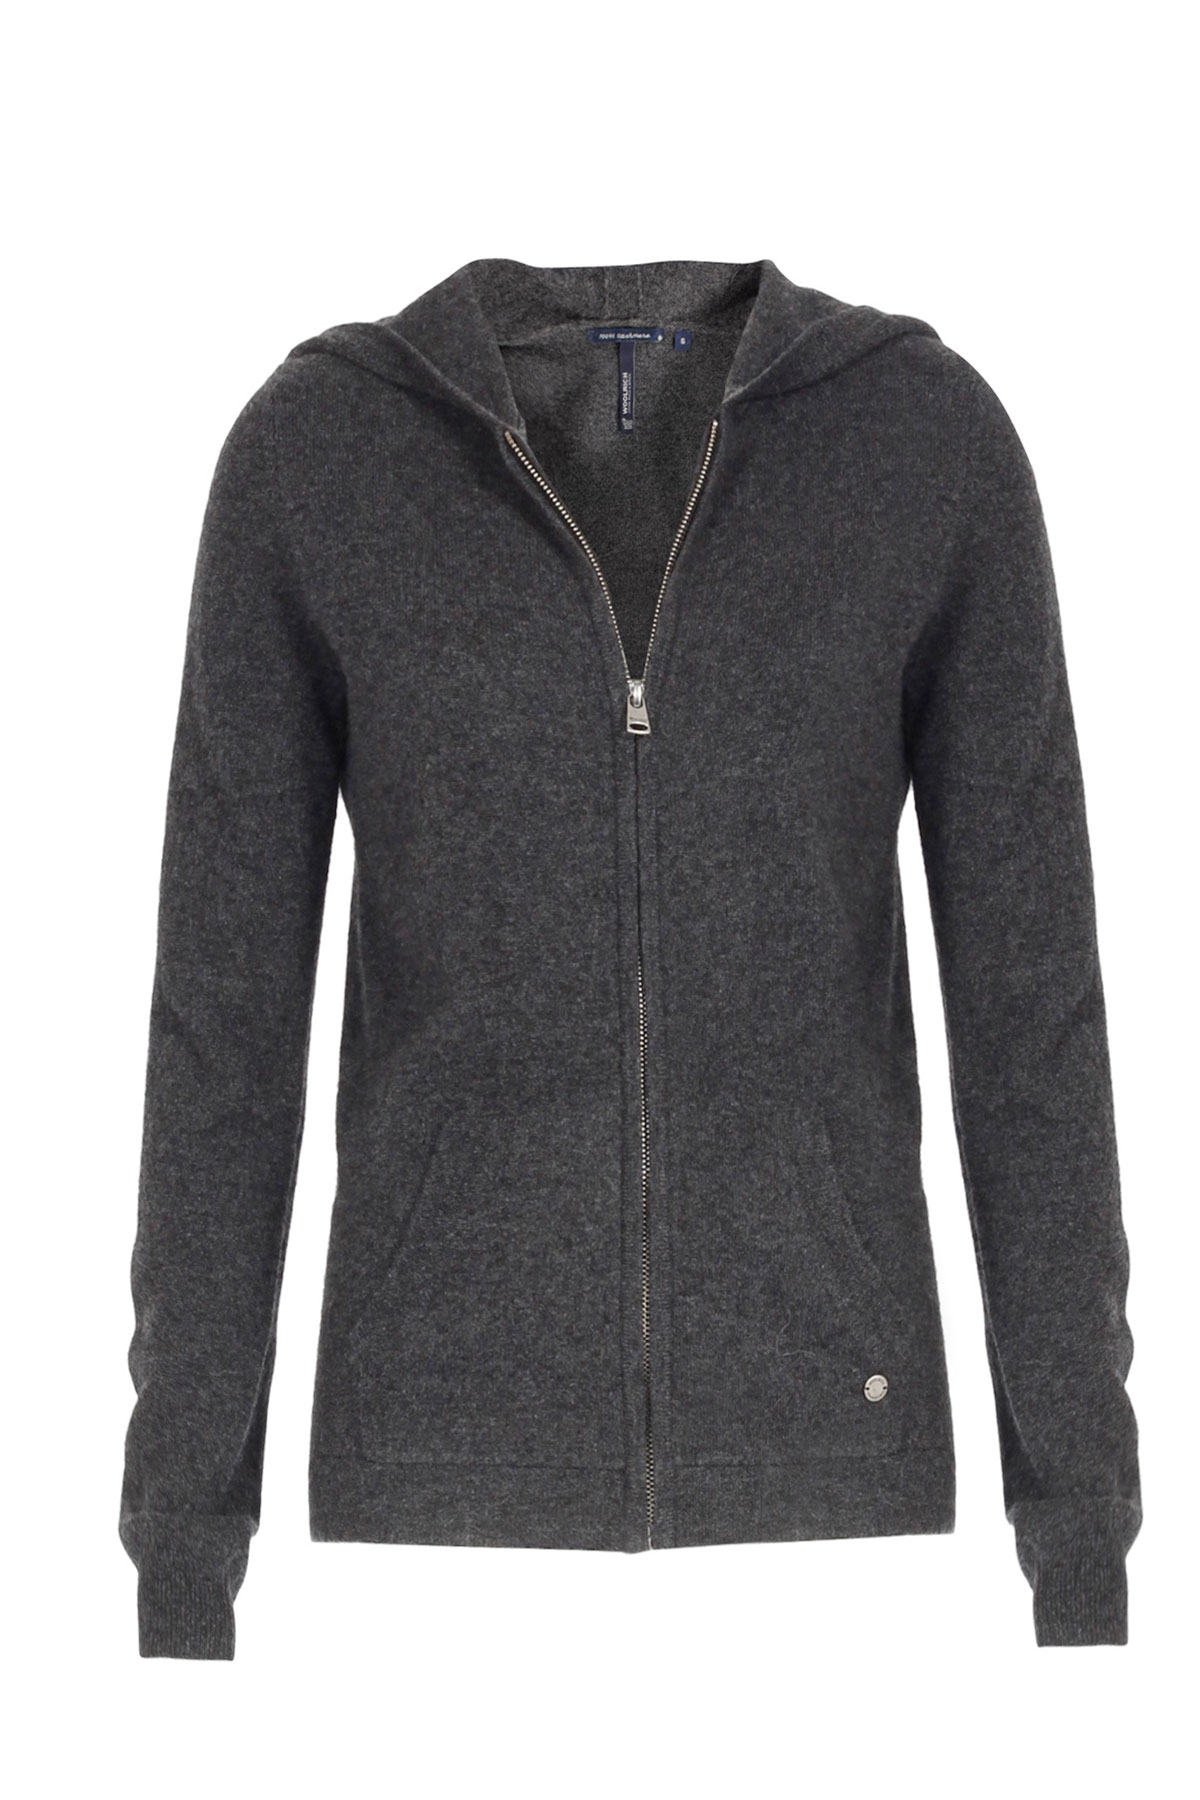 cashmere sweater mit kapuze von woolrich bei cashmere. Black Bedroom Furniture Sets. Home Design Ideas